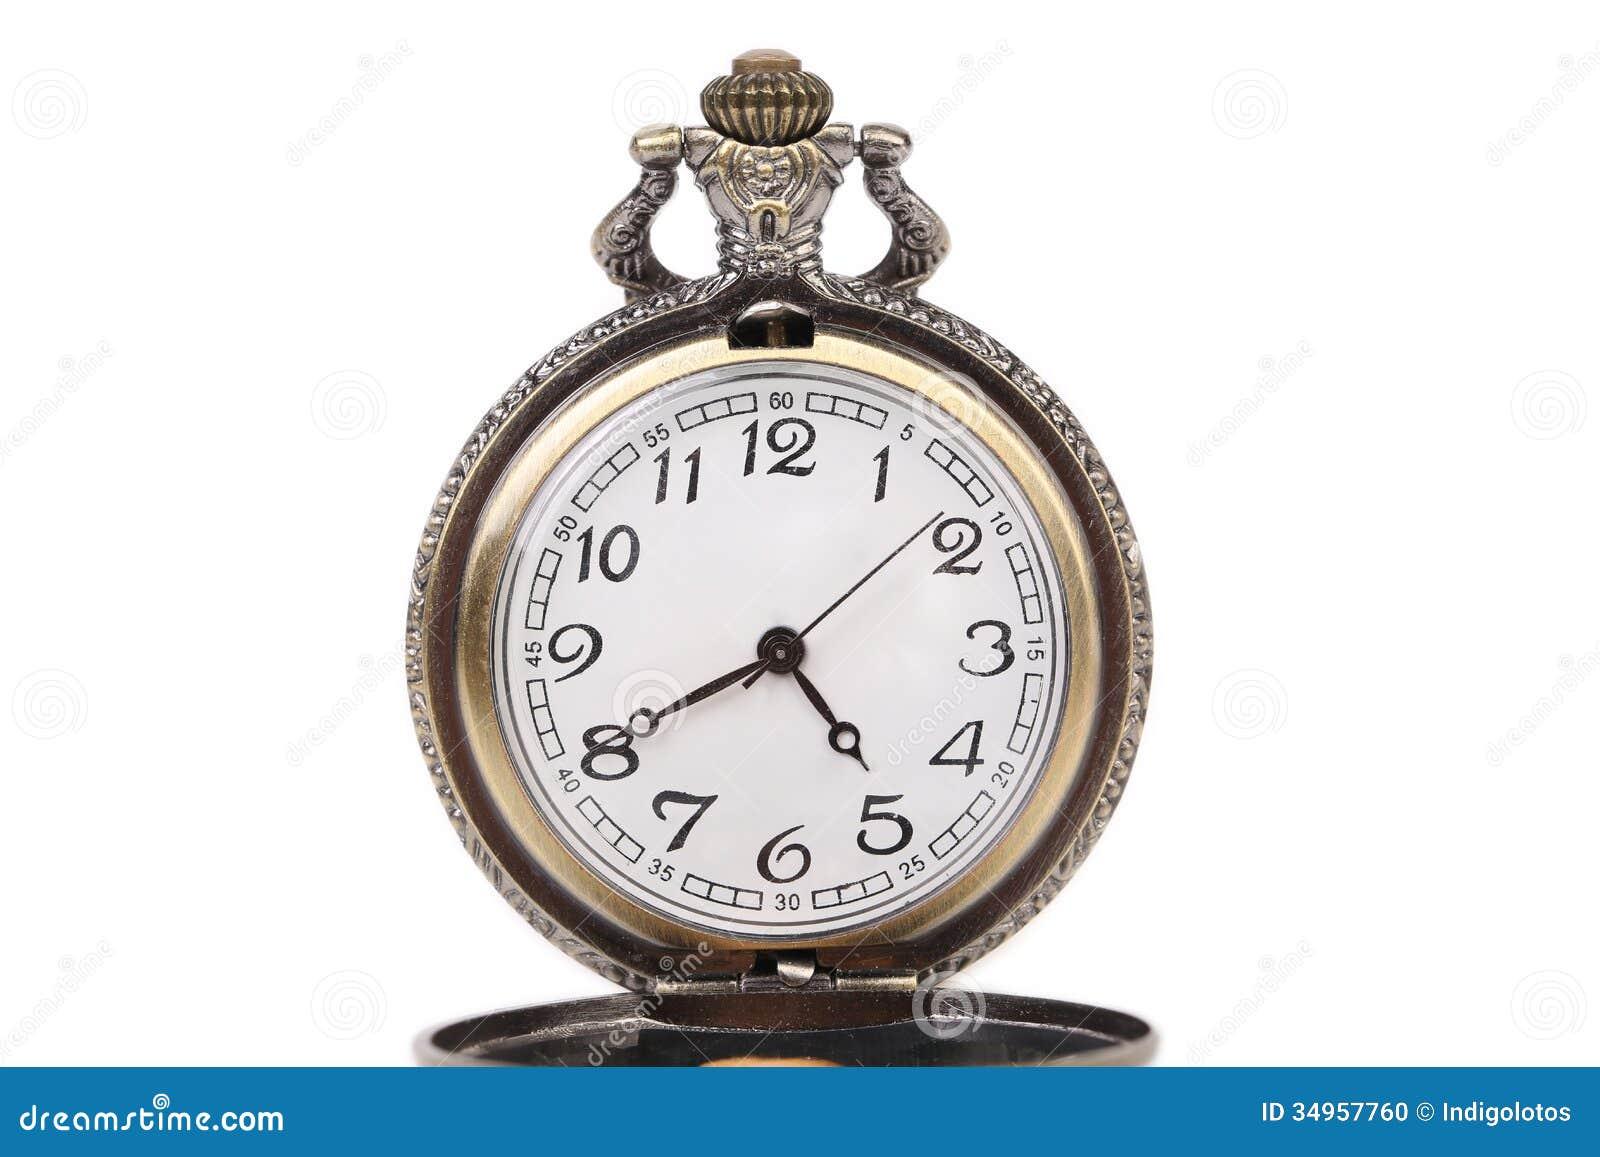 Antique pocket watch  Antique Pocket Watch. Stock Photo - Image: 34957760